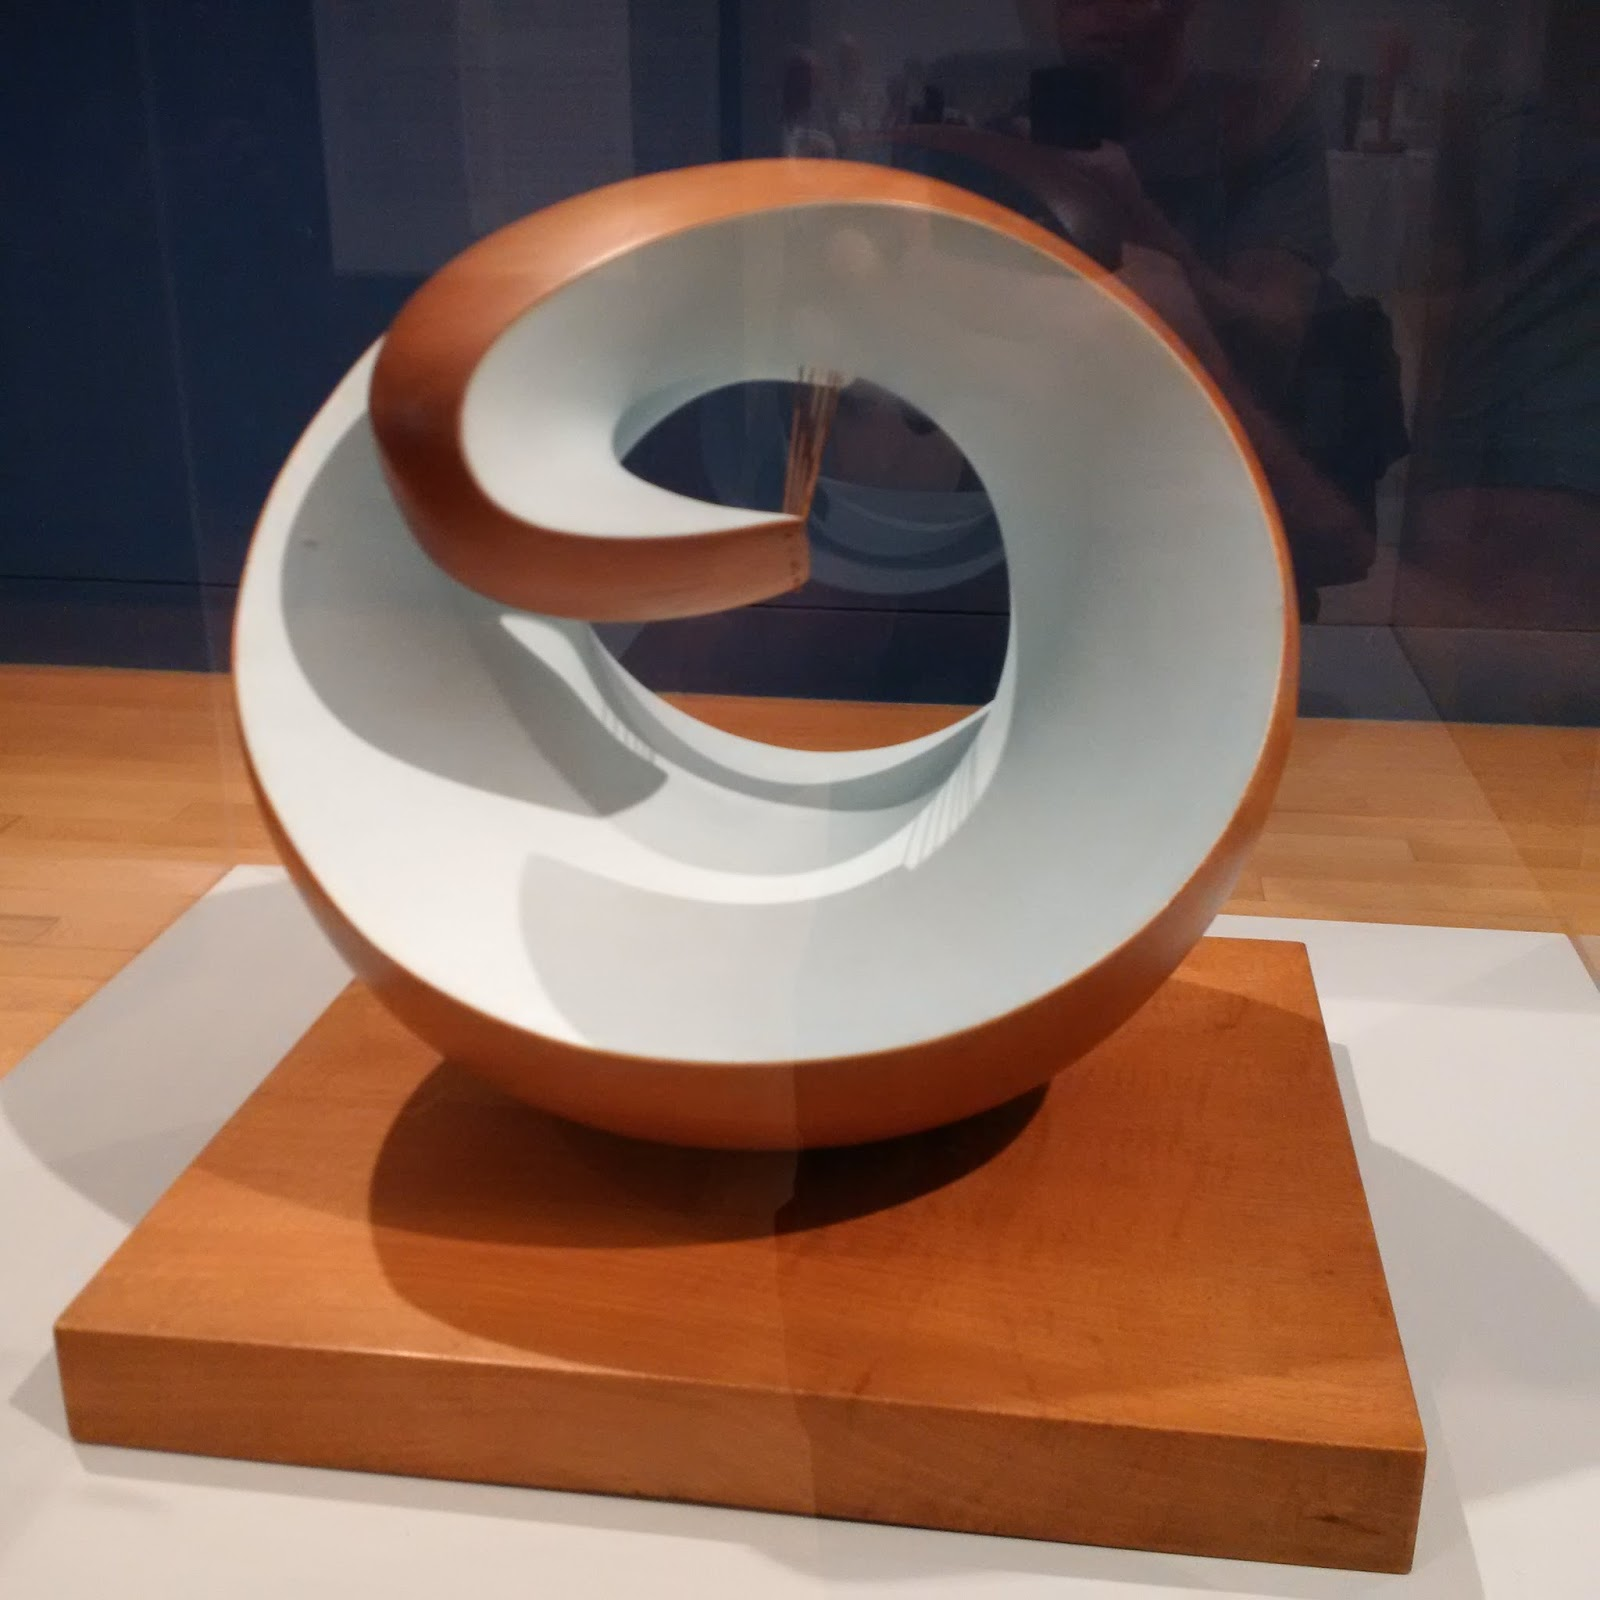 Orangehat Barbara Hepworth Sculpture For A Modern World